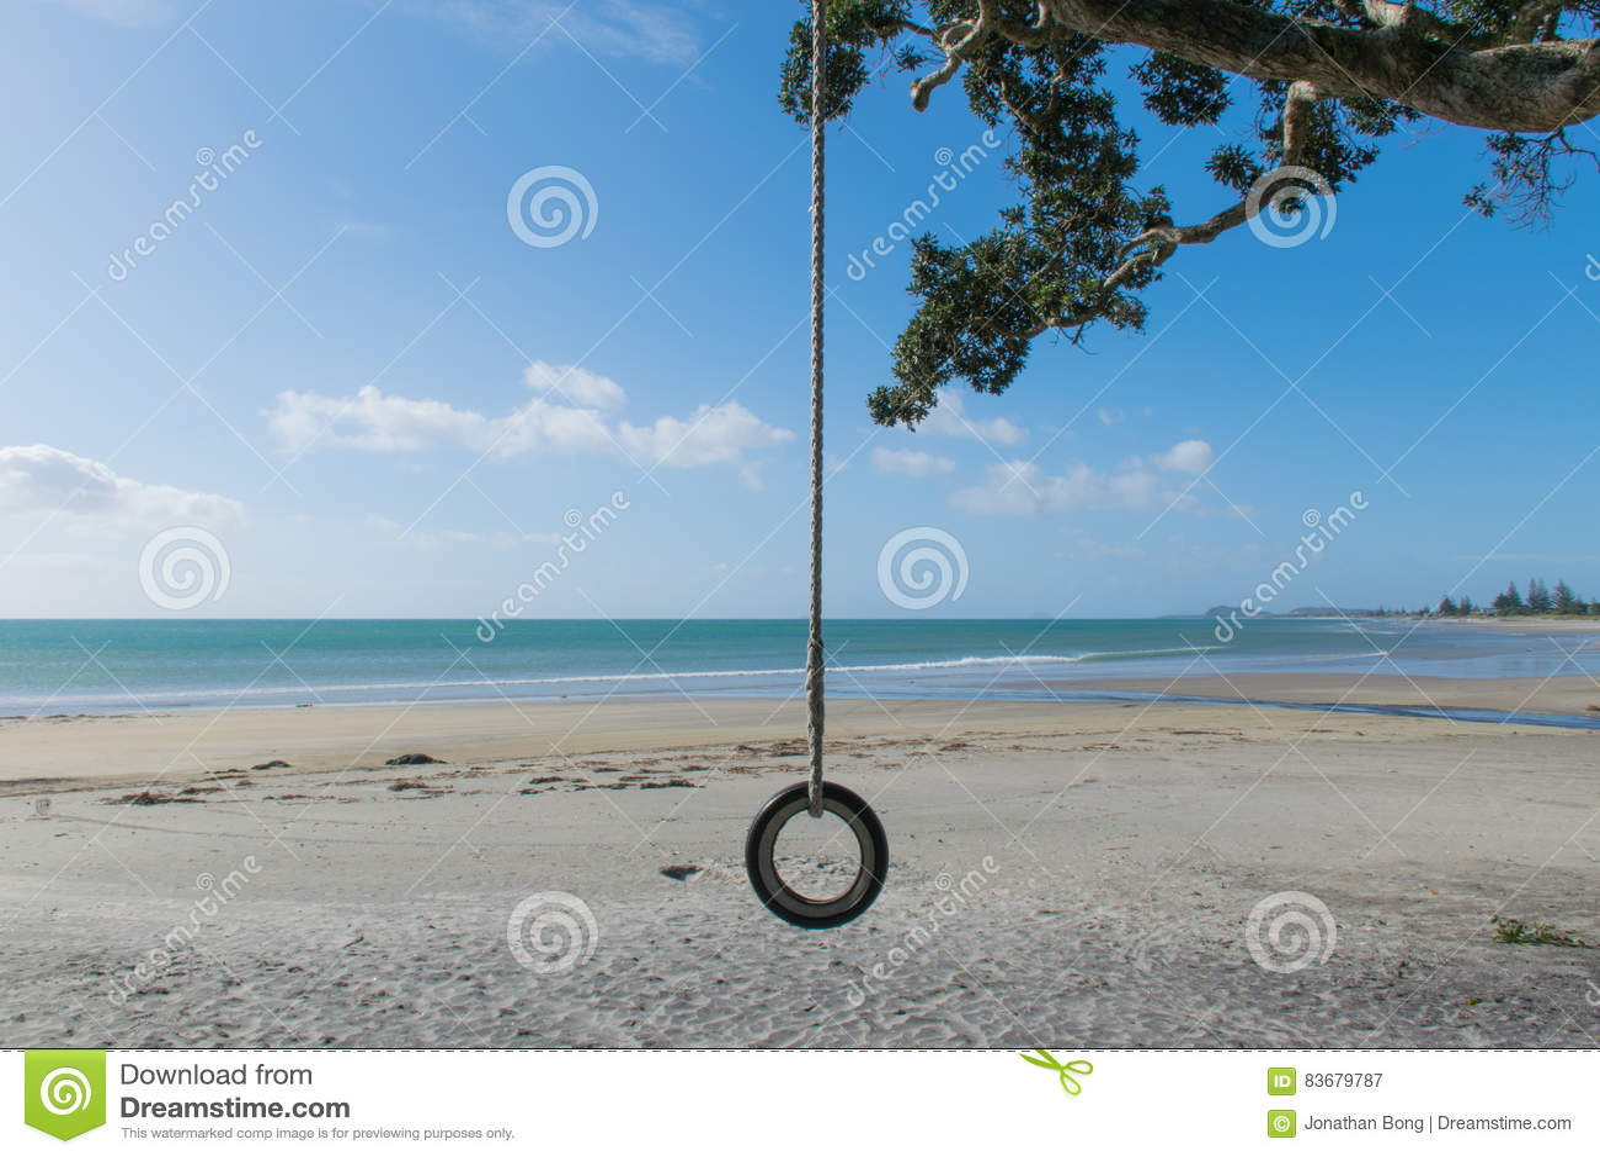 Ein Strandschwingen auf einem ruhigen Strand